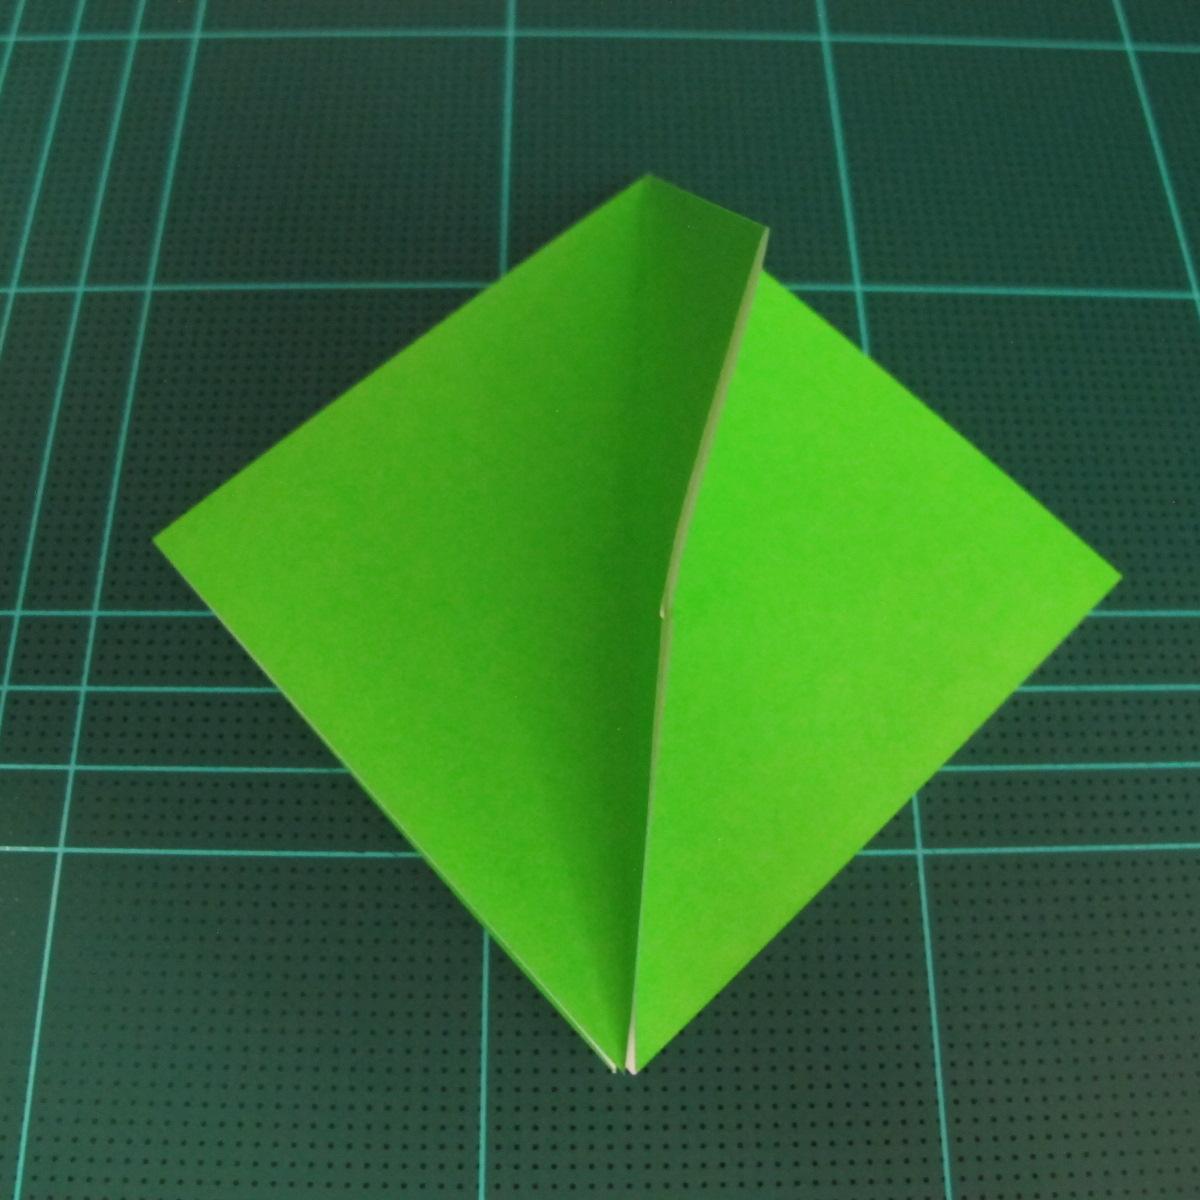 วิธีพับกระดาษเป็นจรวด X-WING สตาร์วอร์ (Origami X-WING) 007